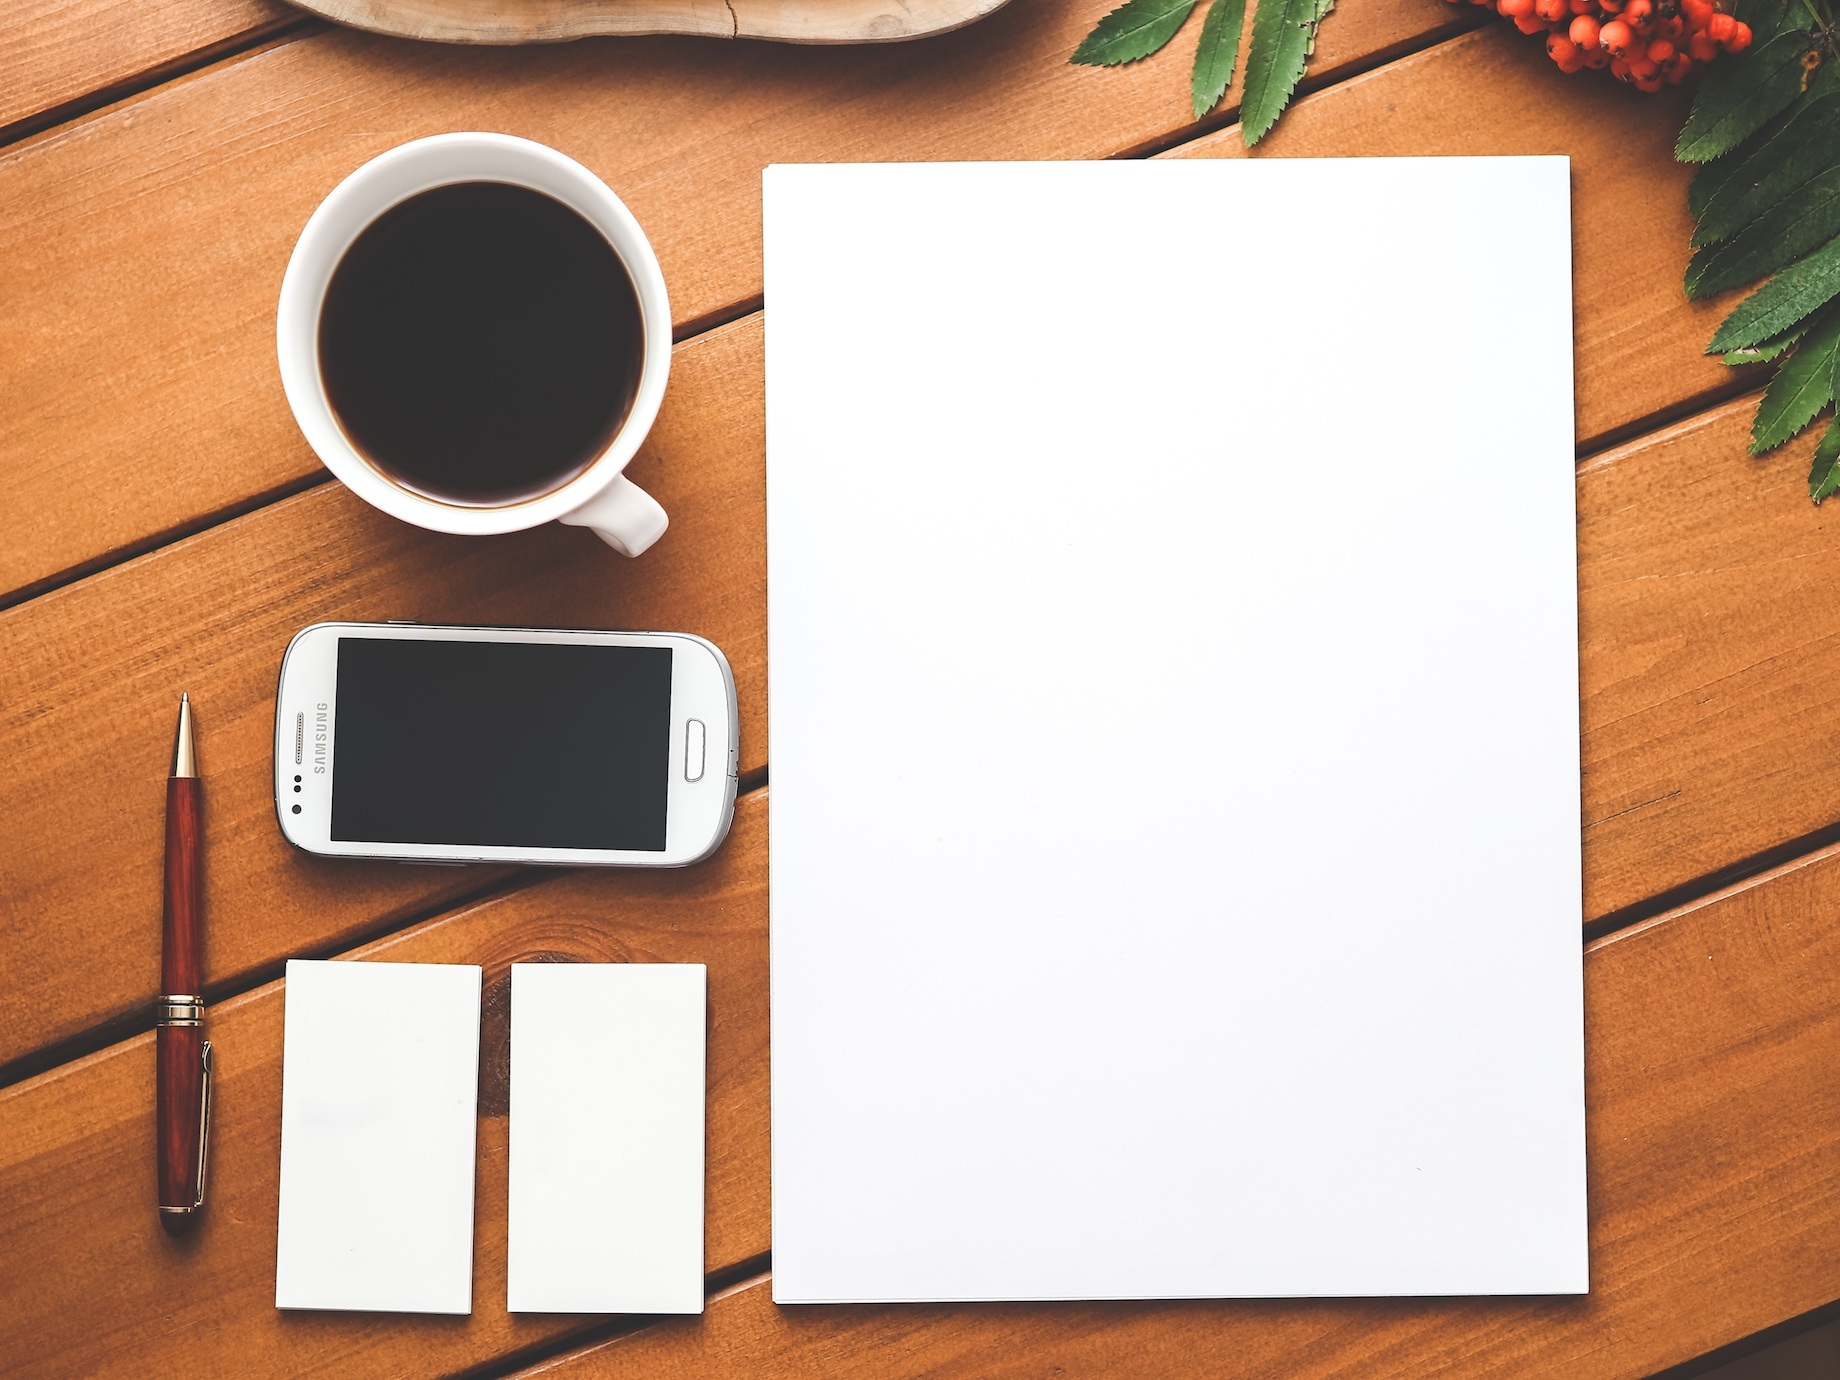 品牌經營者必學!5個步驟,建立品牌獨一無二的「說話方式」